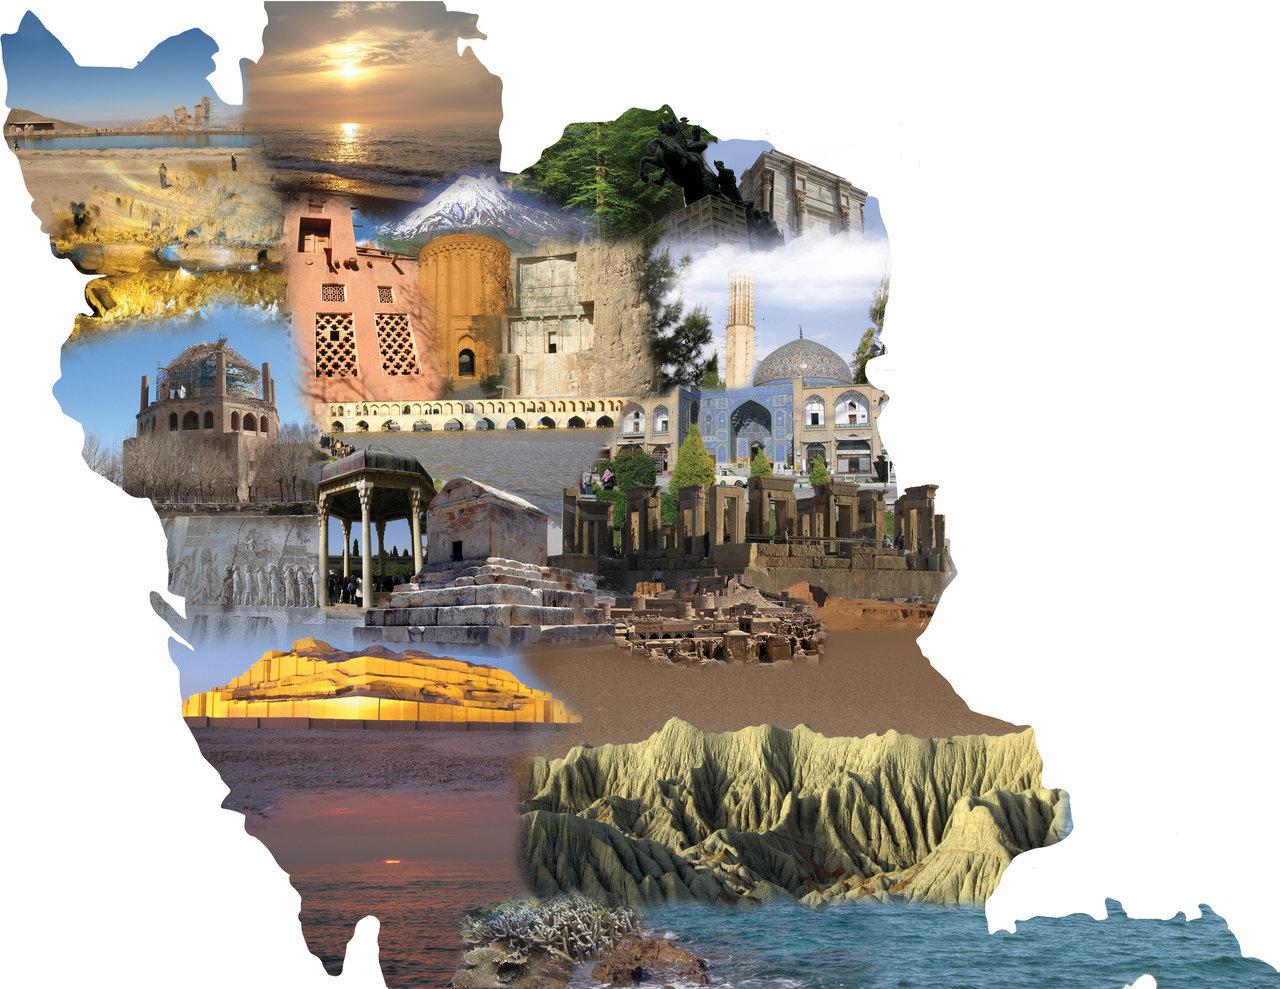 گرانترین و ارزانترین شهرهای ایران کدامند؟ /اختلاف ۱۵ میلیونی سبد هزینه خانوار در شهرهای مختلف!